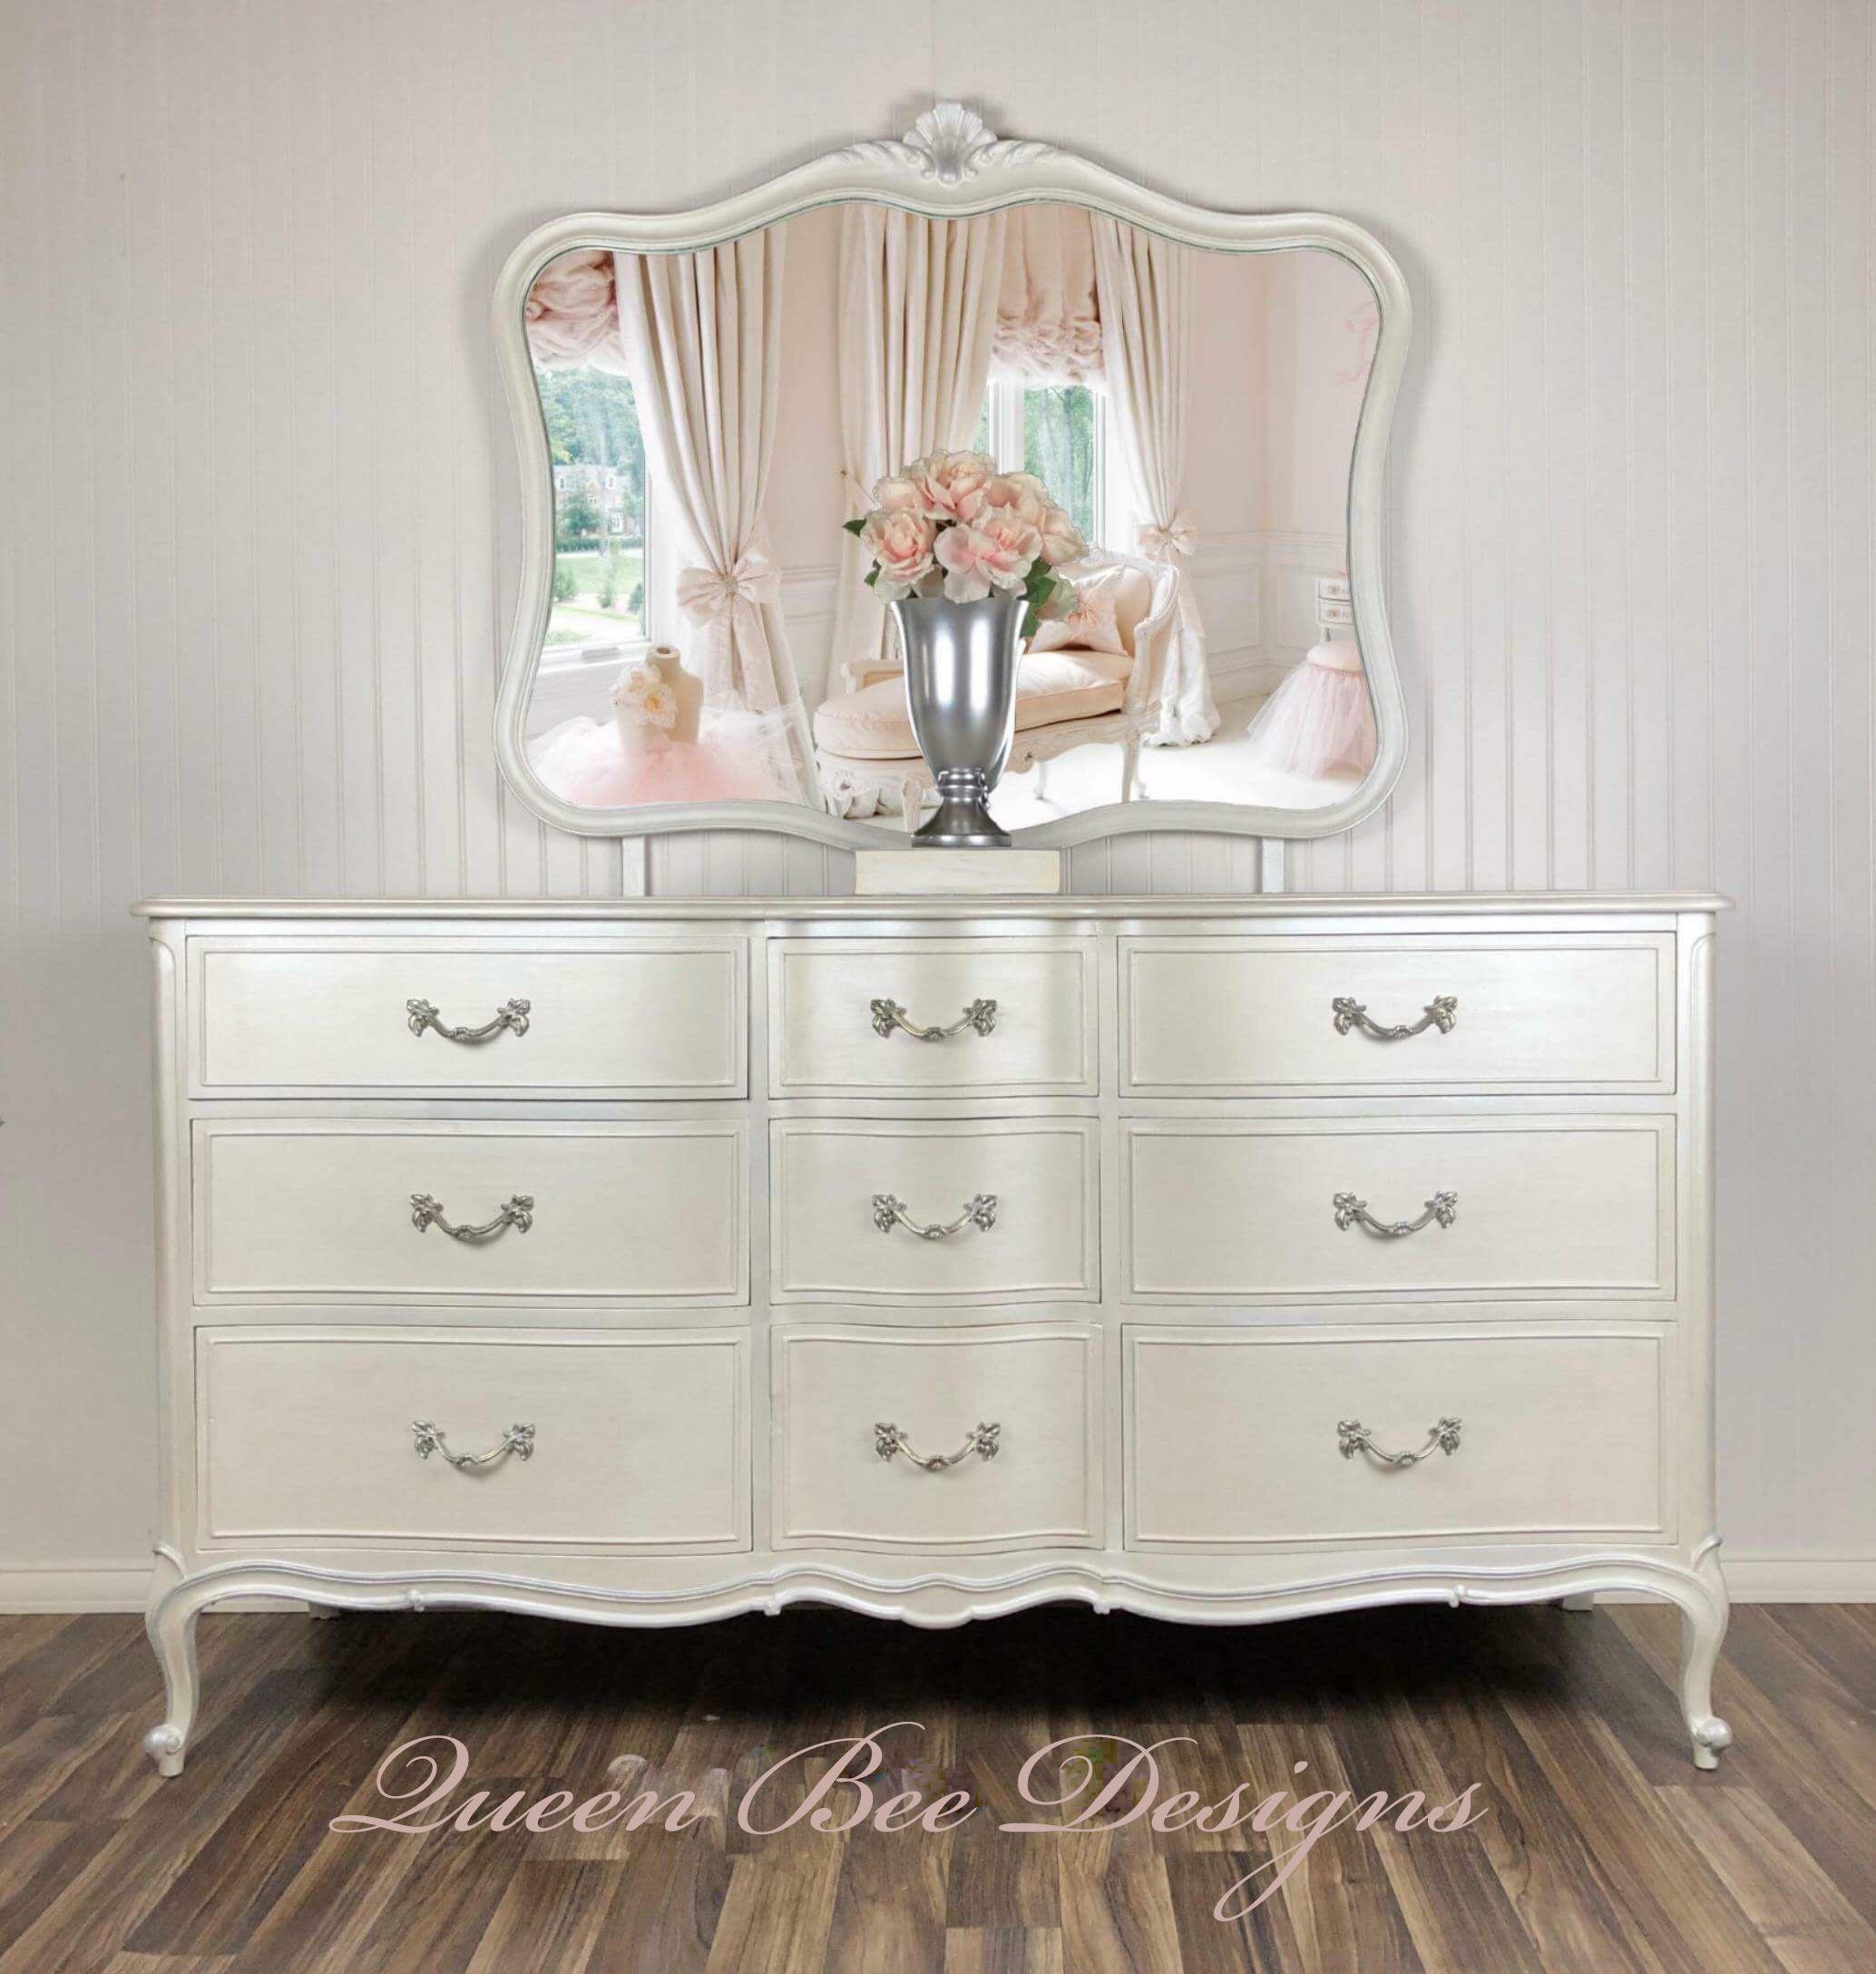 Vintage Drexel 9 Drawer Dresser Finished In Fusion Mineral